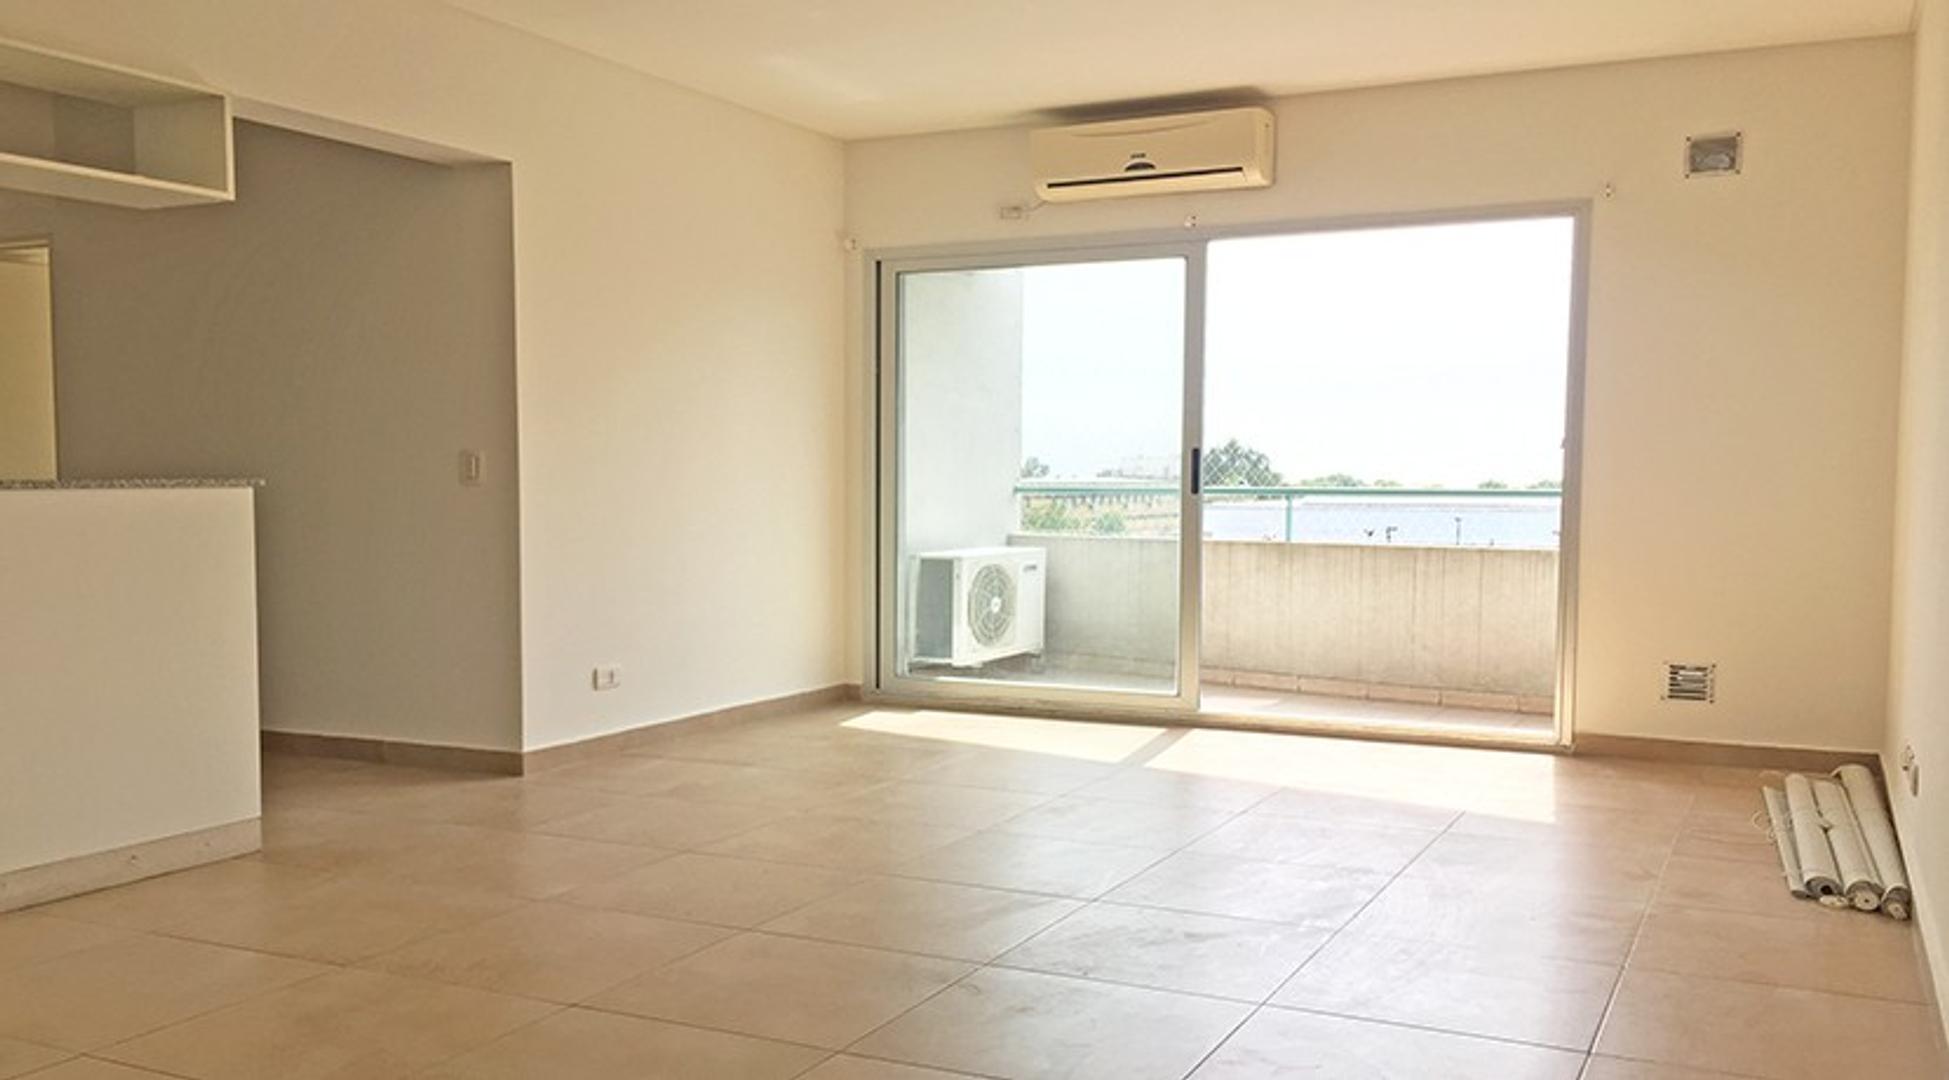 Departamento 3 ambientes con Cochera y Baulera en Olivos